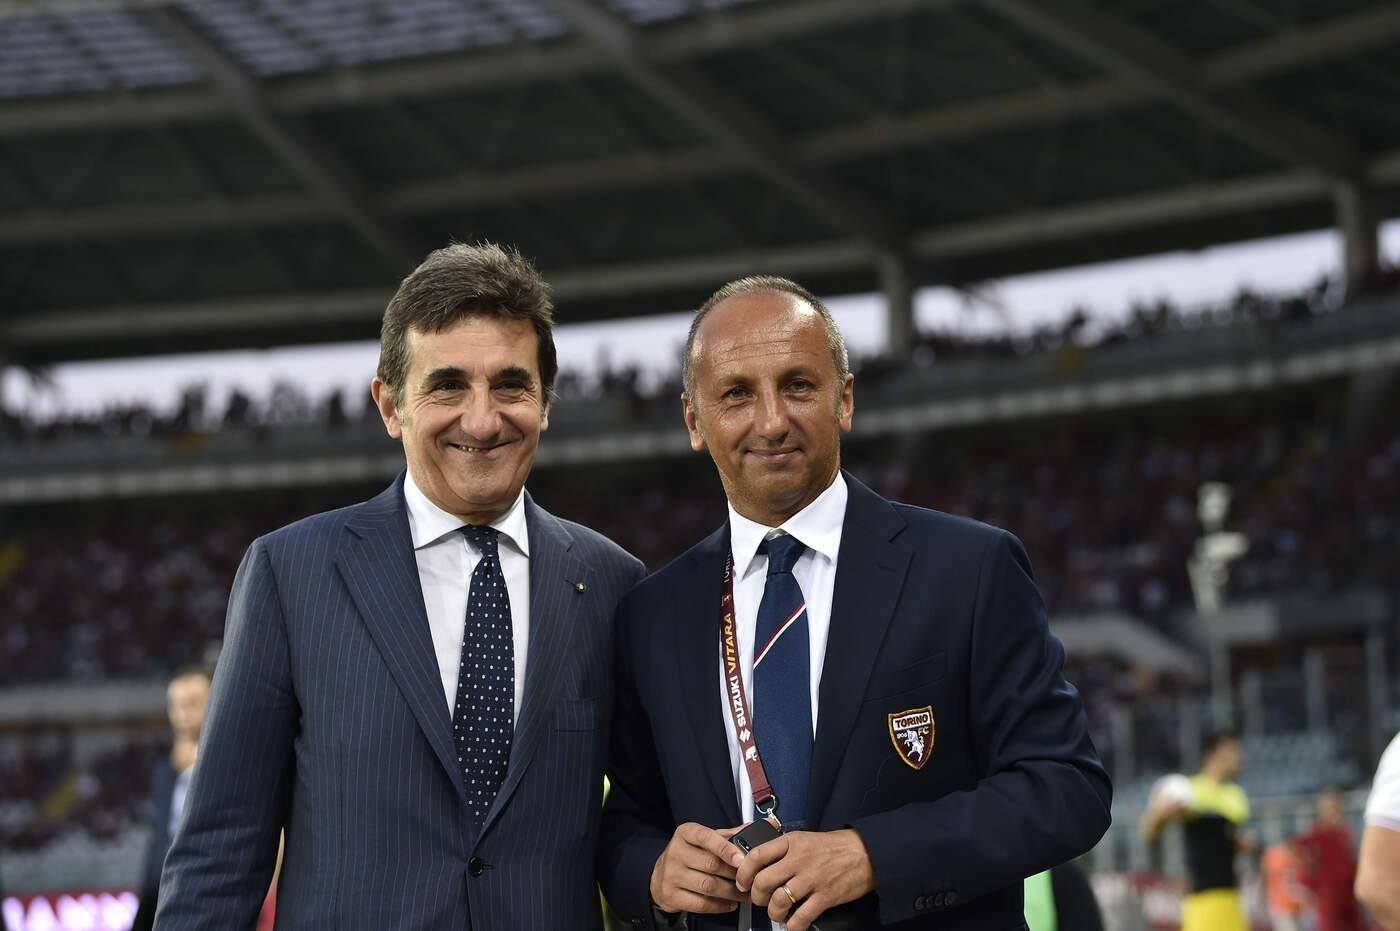 Fabio Ferrari/LaPresse LaPresse/